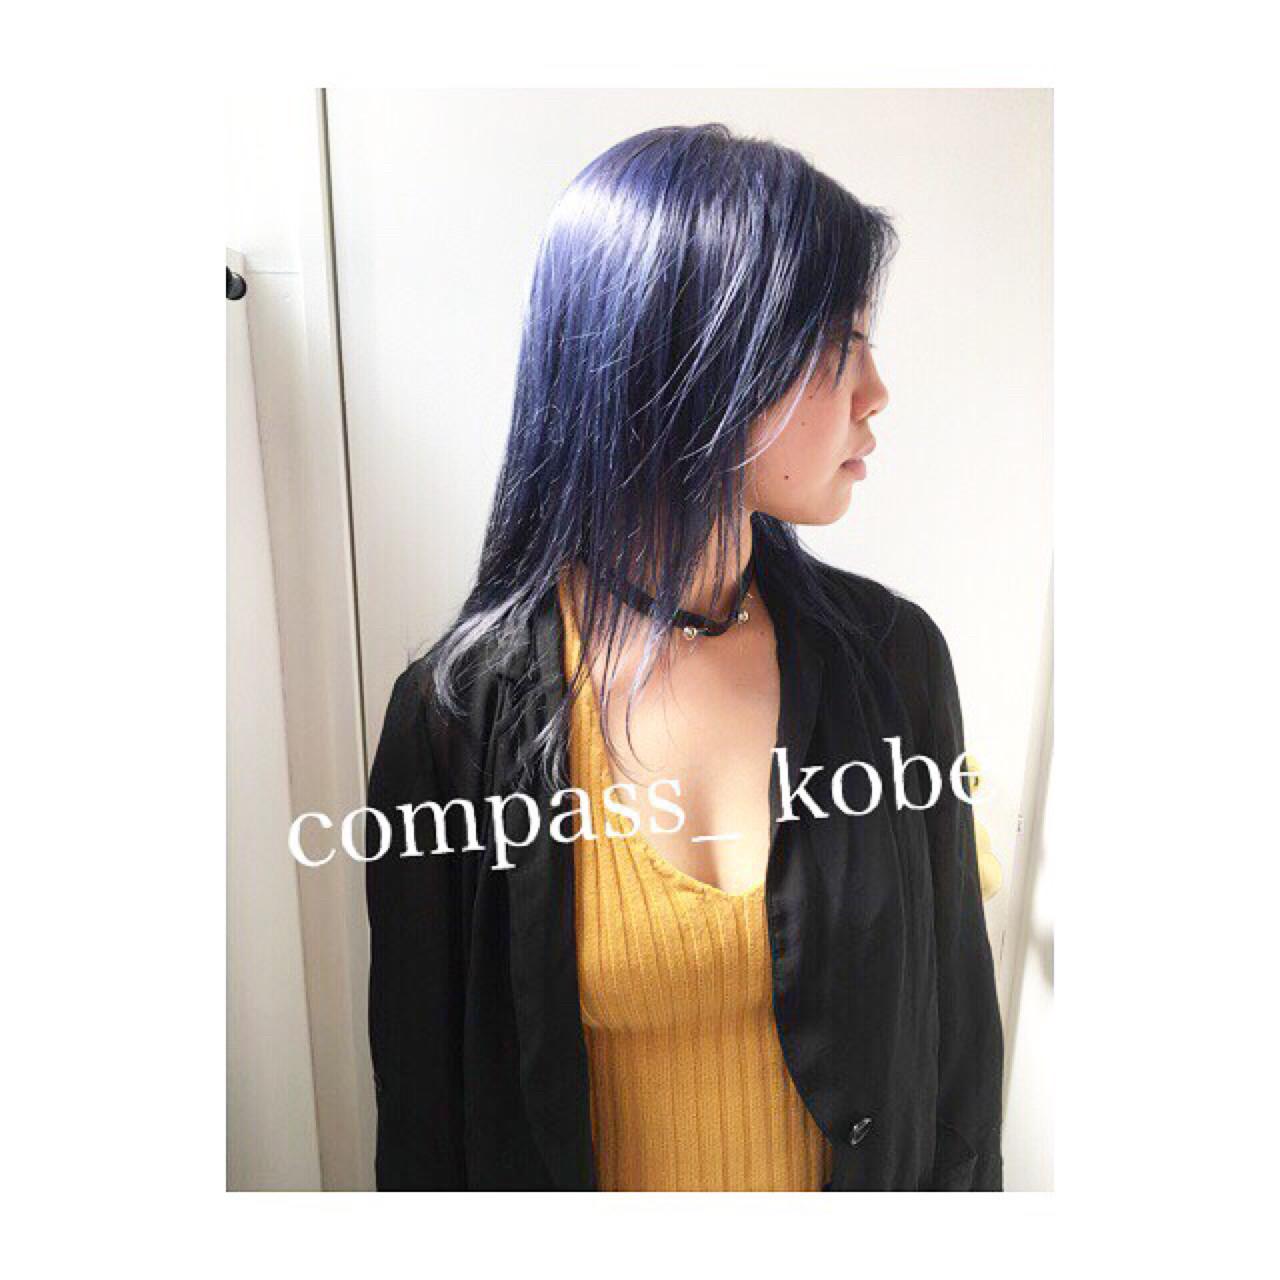 スポーツ ショート ミディアム オリーブアッシュ ヘアスタイルや髪型の写真・画像 | COM PASS 太一 / COM PASS